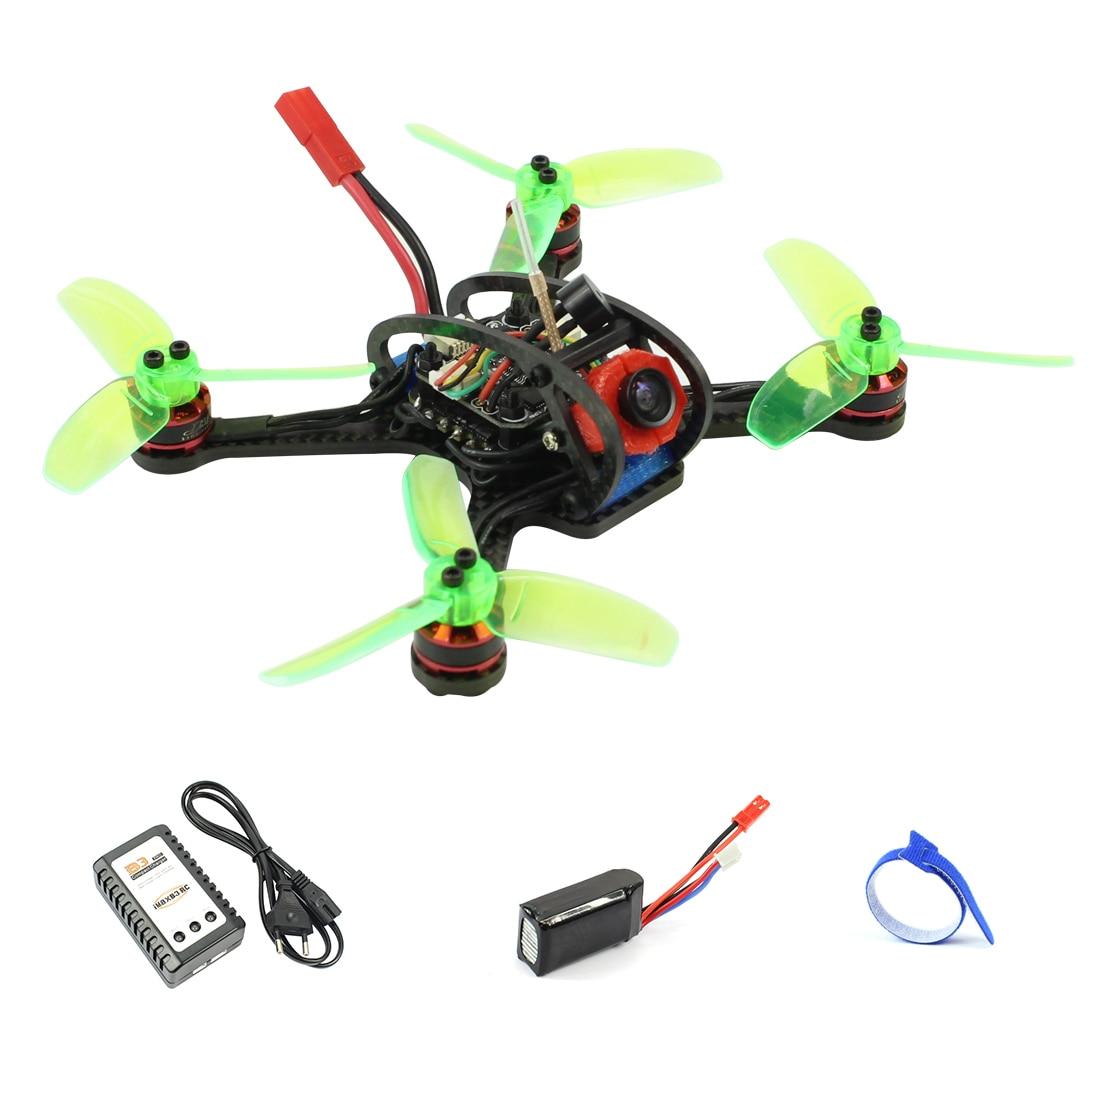 Oyuncaklar ve Hobi Ürünleri'ten RC Helikopterler'de Mini 120mm F3 OSD 2 S RC FPV Yarış Drone Quadcopter 700TVL Kamera VTX Gözlüğü 10A ESC 7500KV Fırçasız 2.4G 6ch BNF RTF Set'da  Grup 3